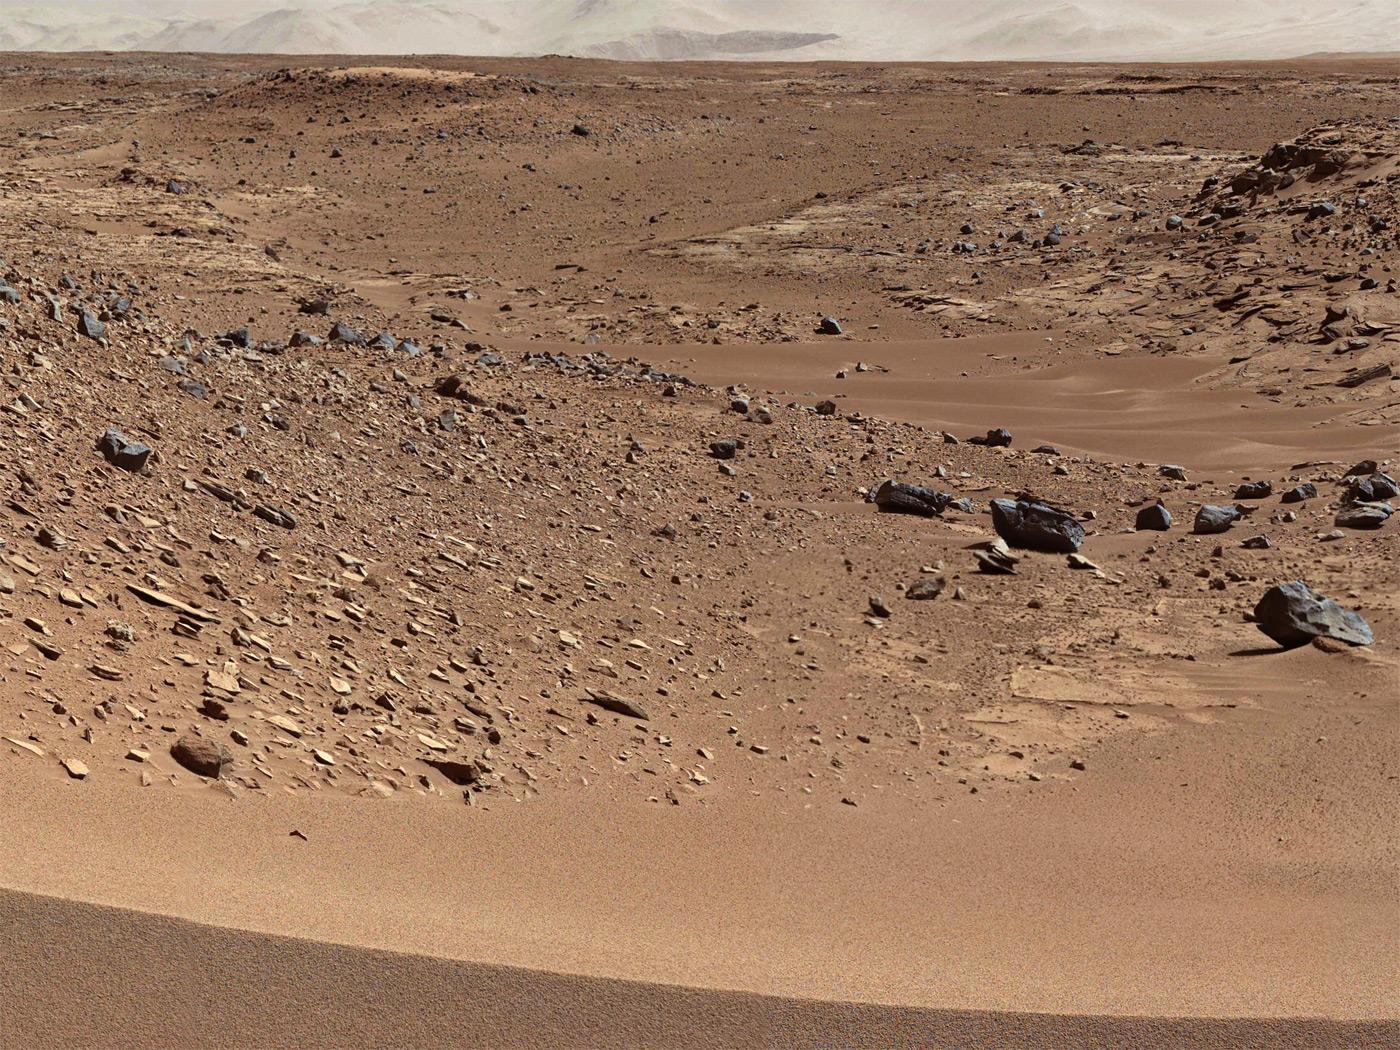 mars surface description - 946×710